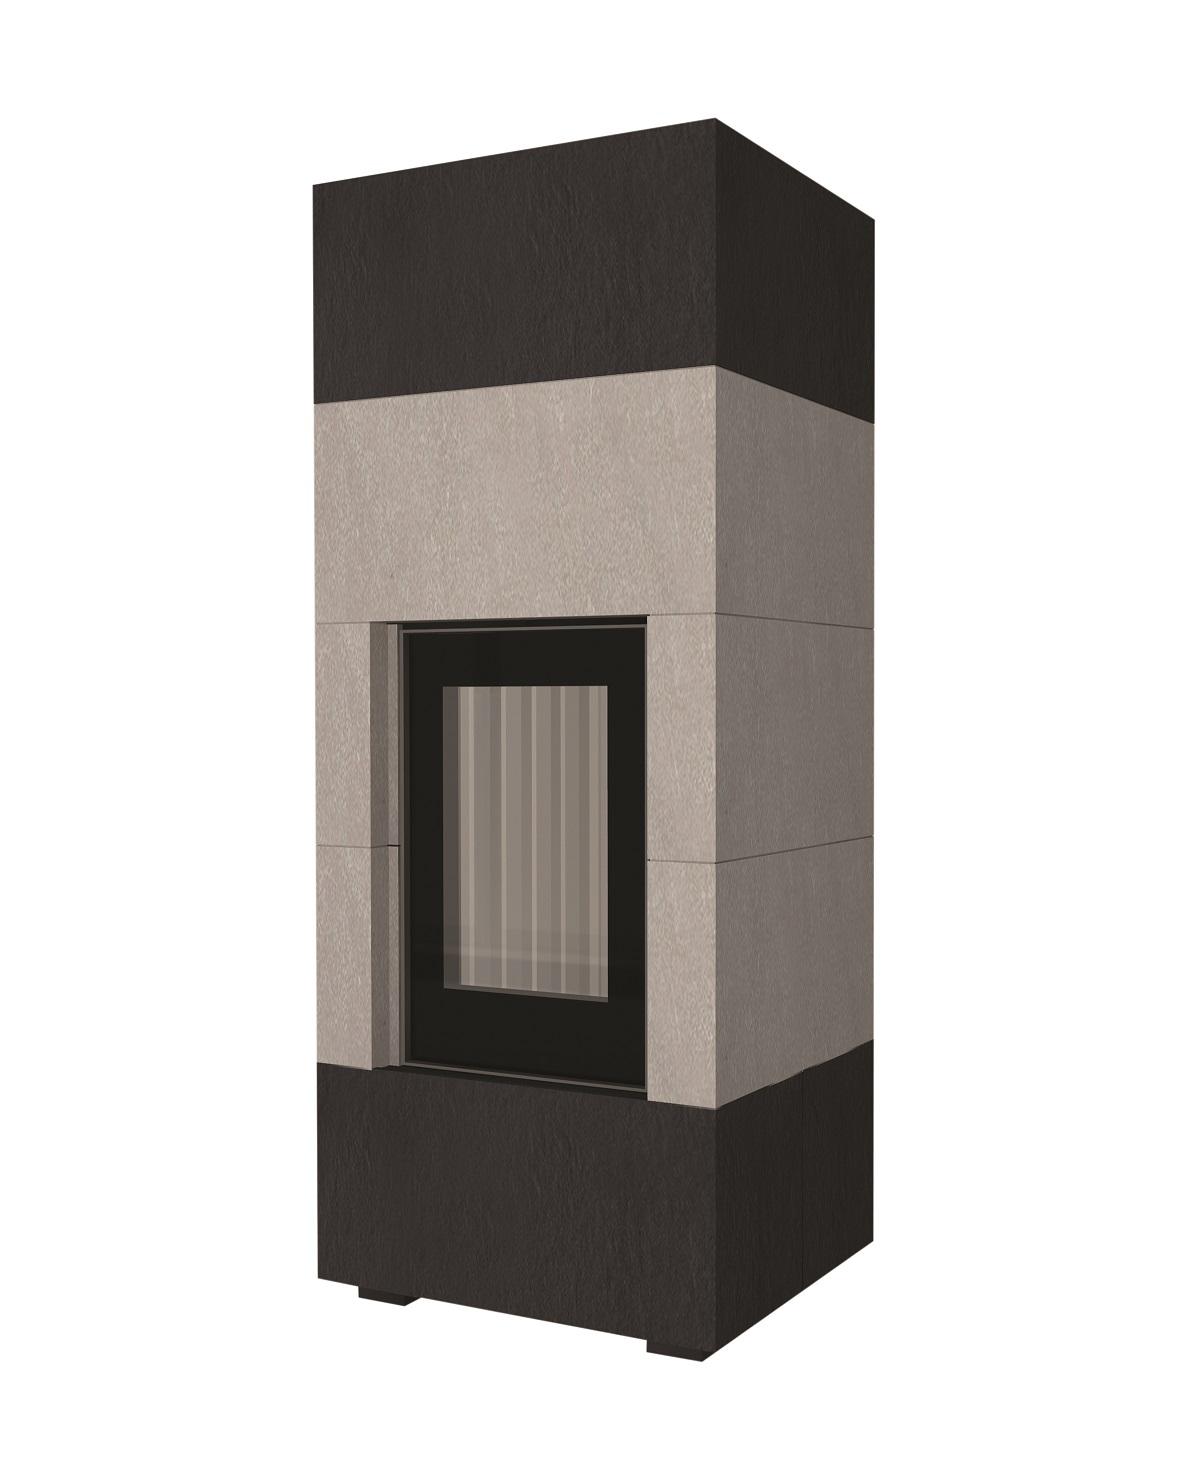 w rmespeichernder systemkamin techniko 6b mit brunner und. Black Bedroom Furniture Sets. Home Design Ideas